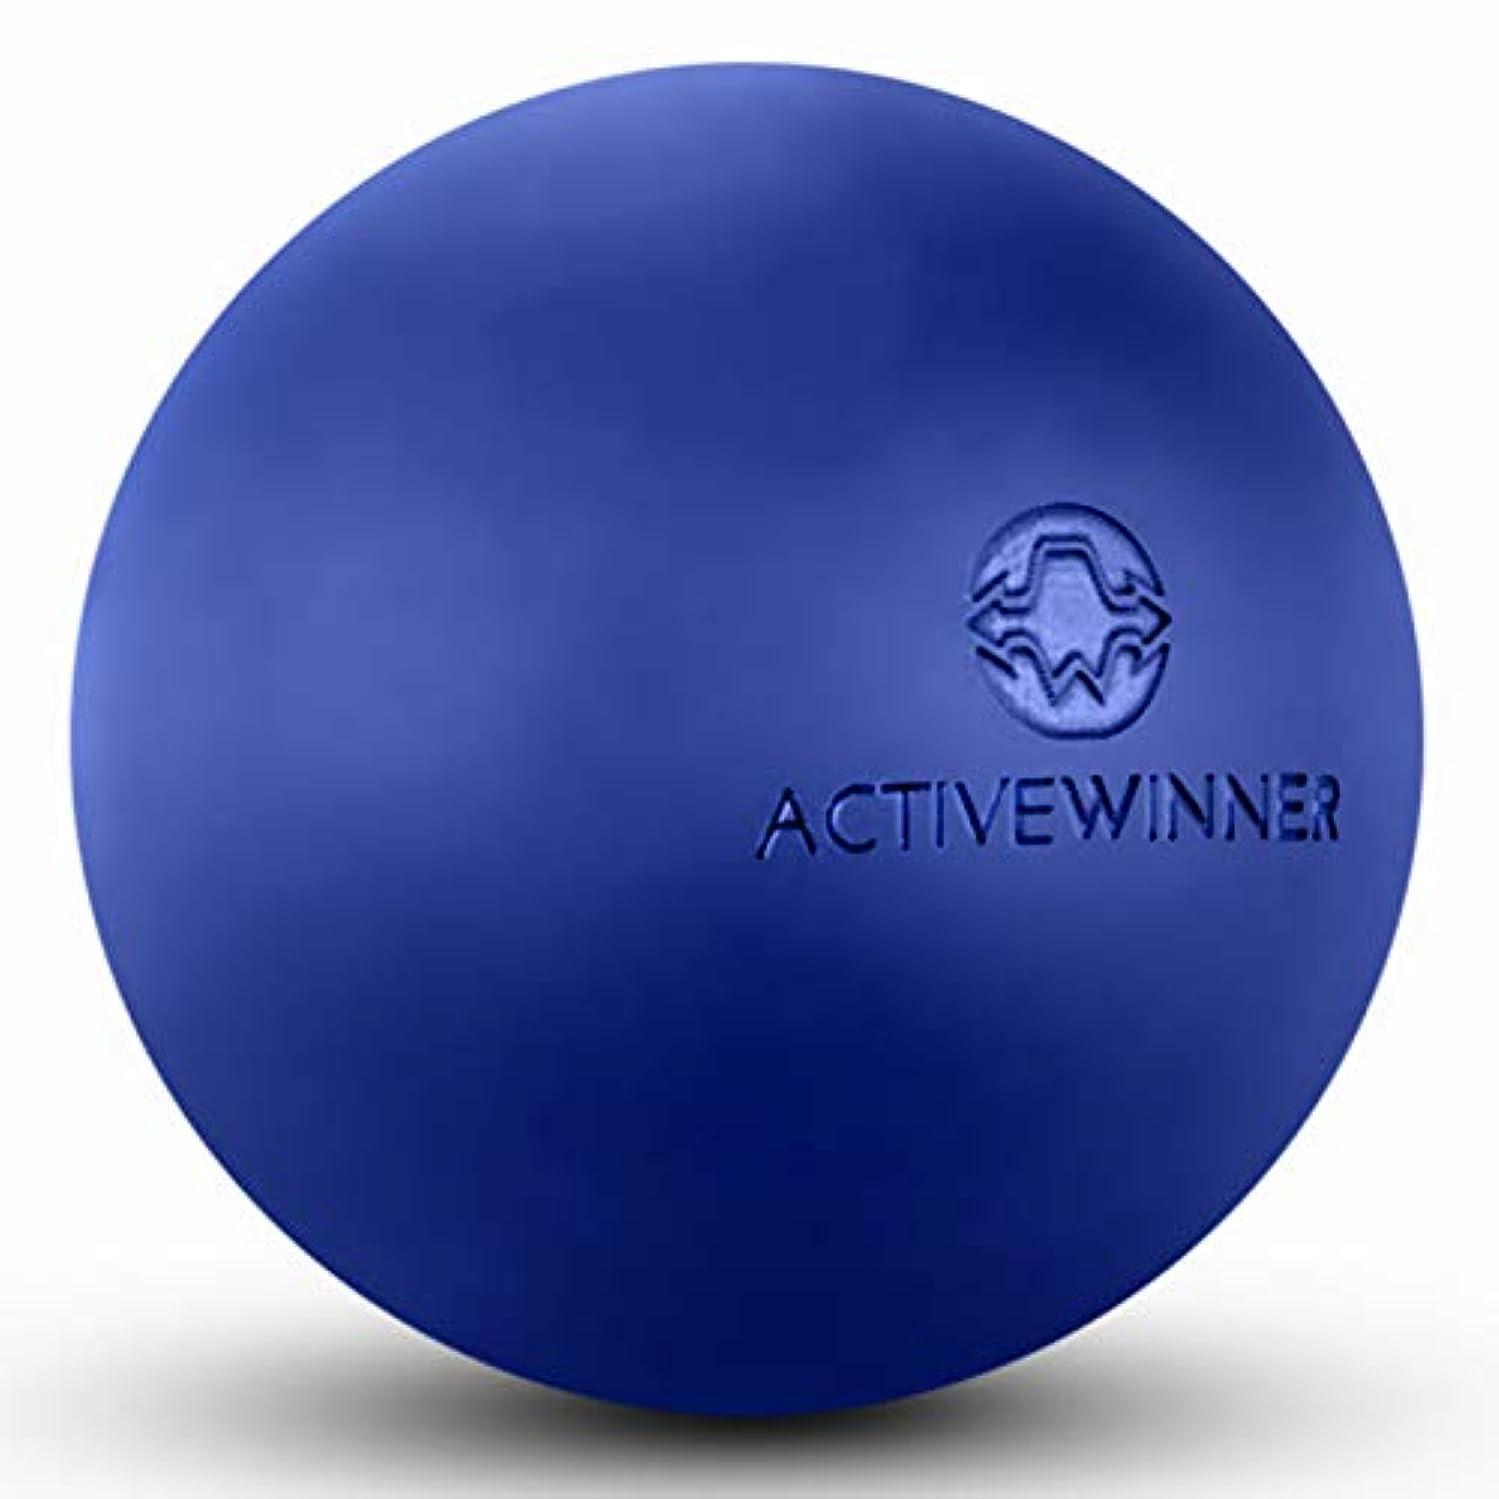 試すパーティーフローActive Winner マッサージボール トリガーポイント (ネイビー) ストレッチボール 筋膜リリース トレーニング 背中 肩こり 腰 ふくらはぎ 足 ツボ押し